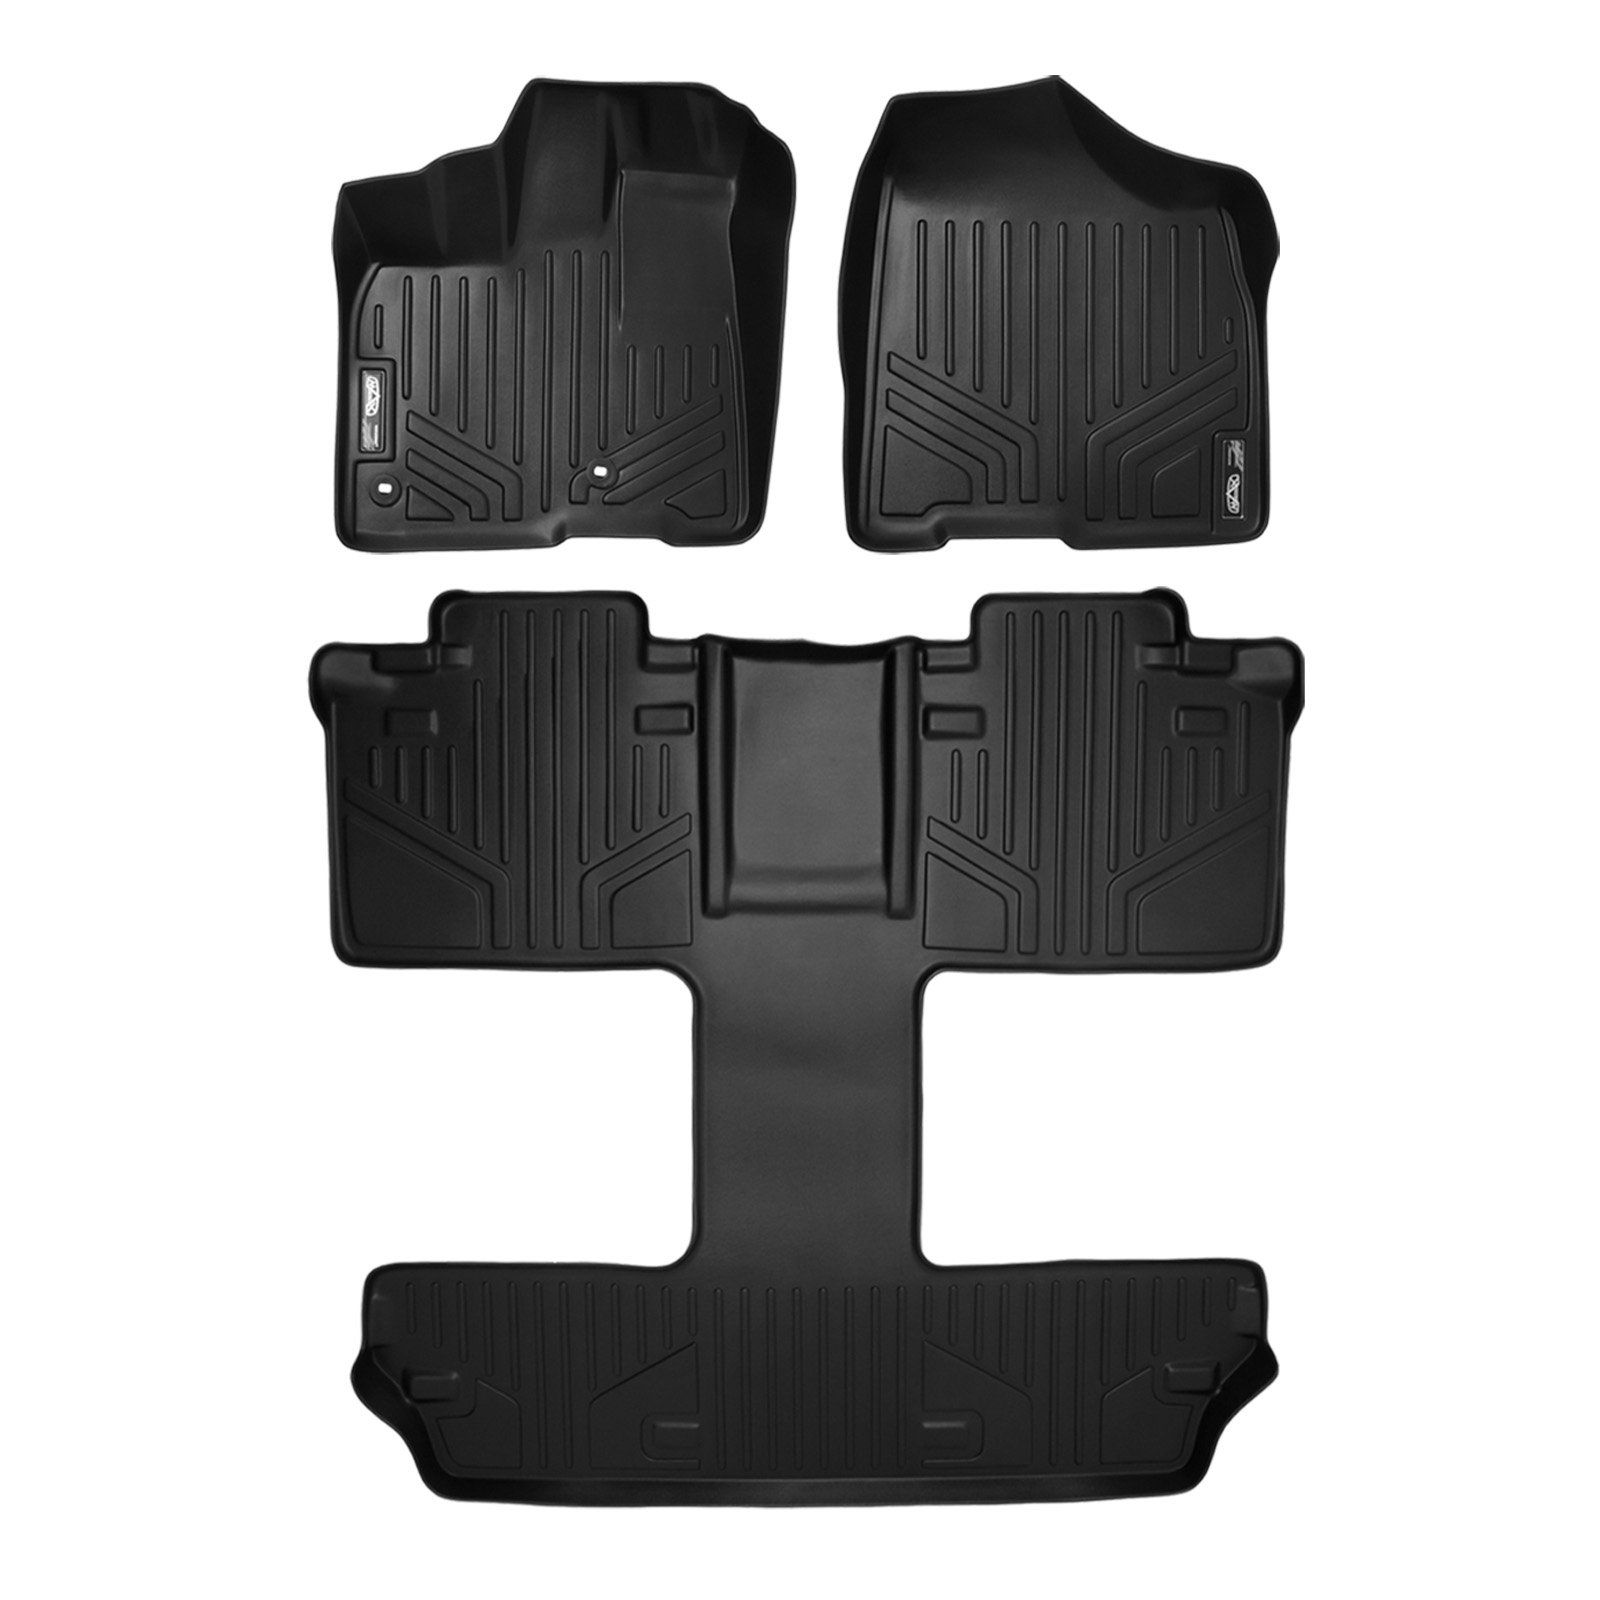 SMARTLINER Custom Fit Floor Mats 3 Row Liner Set Black for